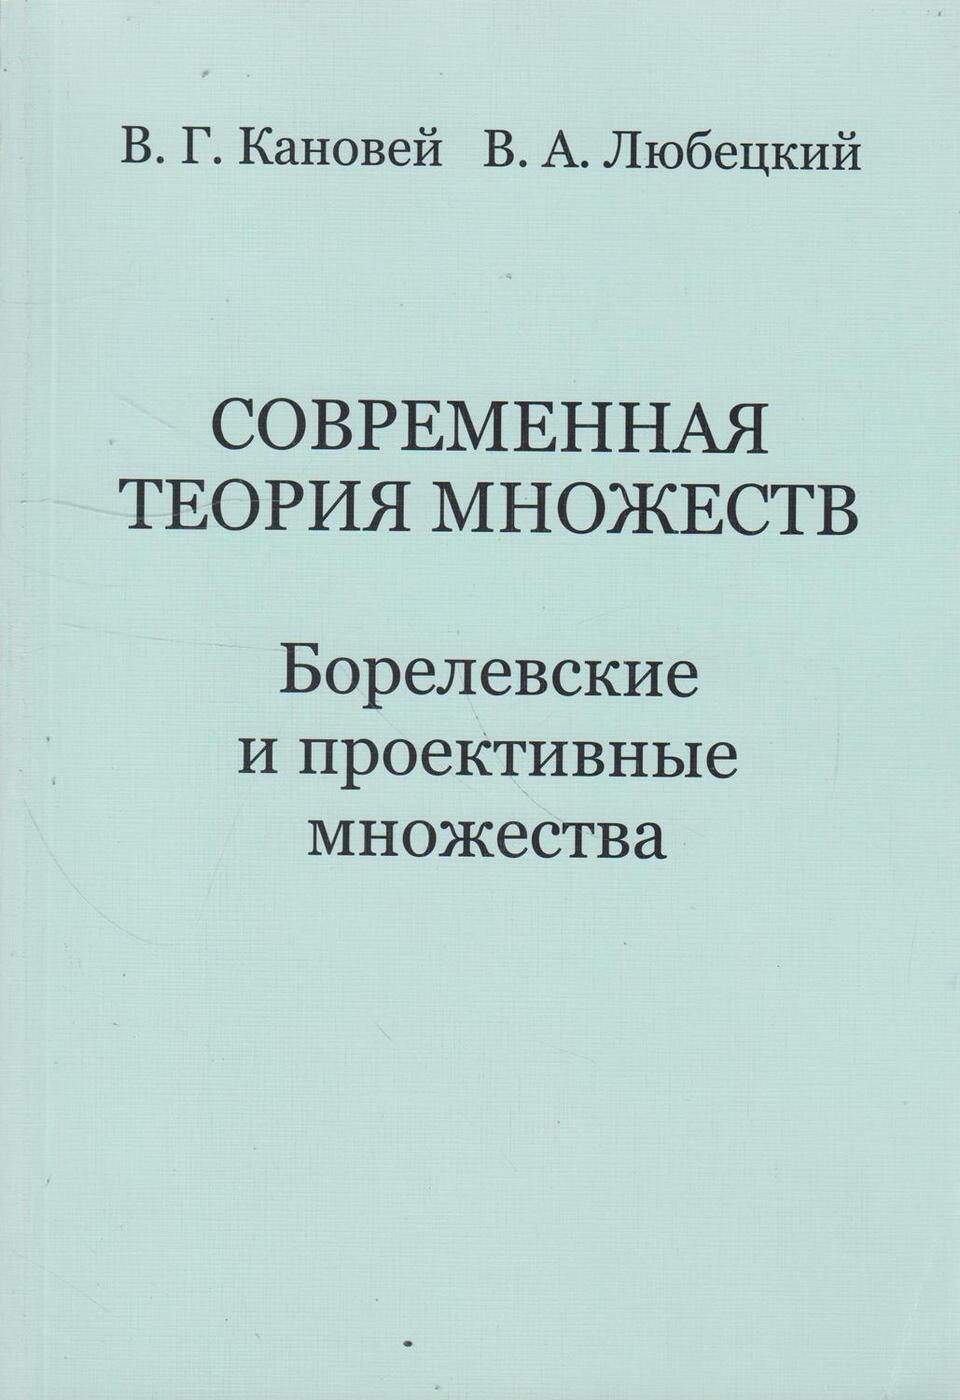 Кановей В.Г.. Современная теория множеств. Борелевские и проективные множества